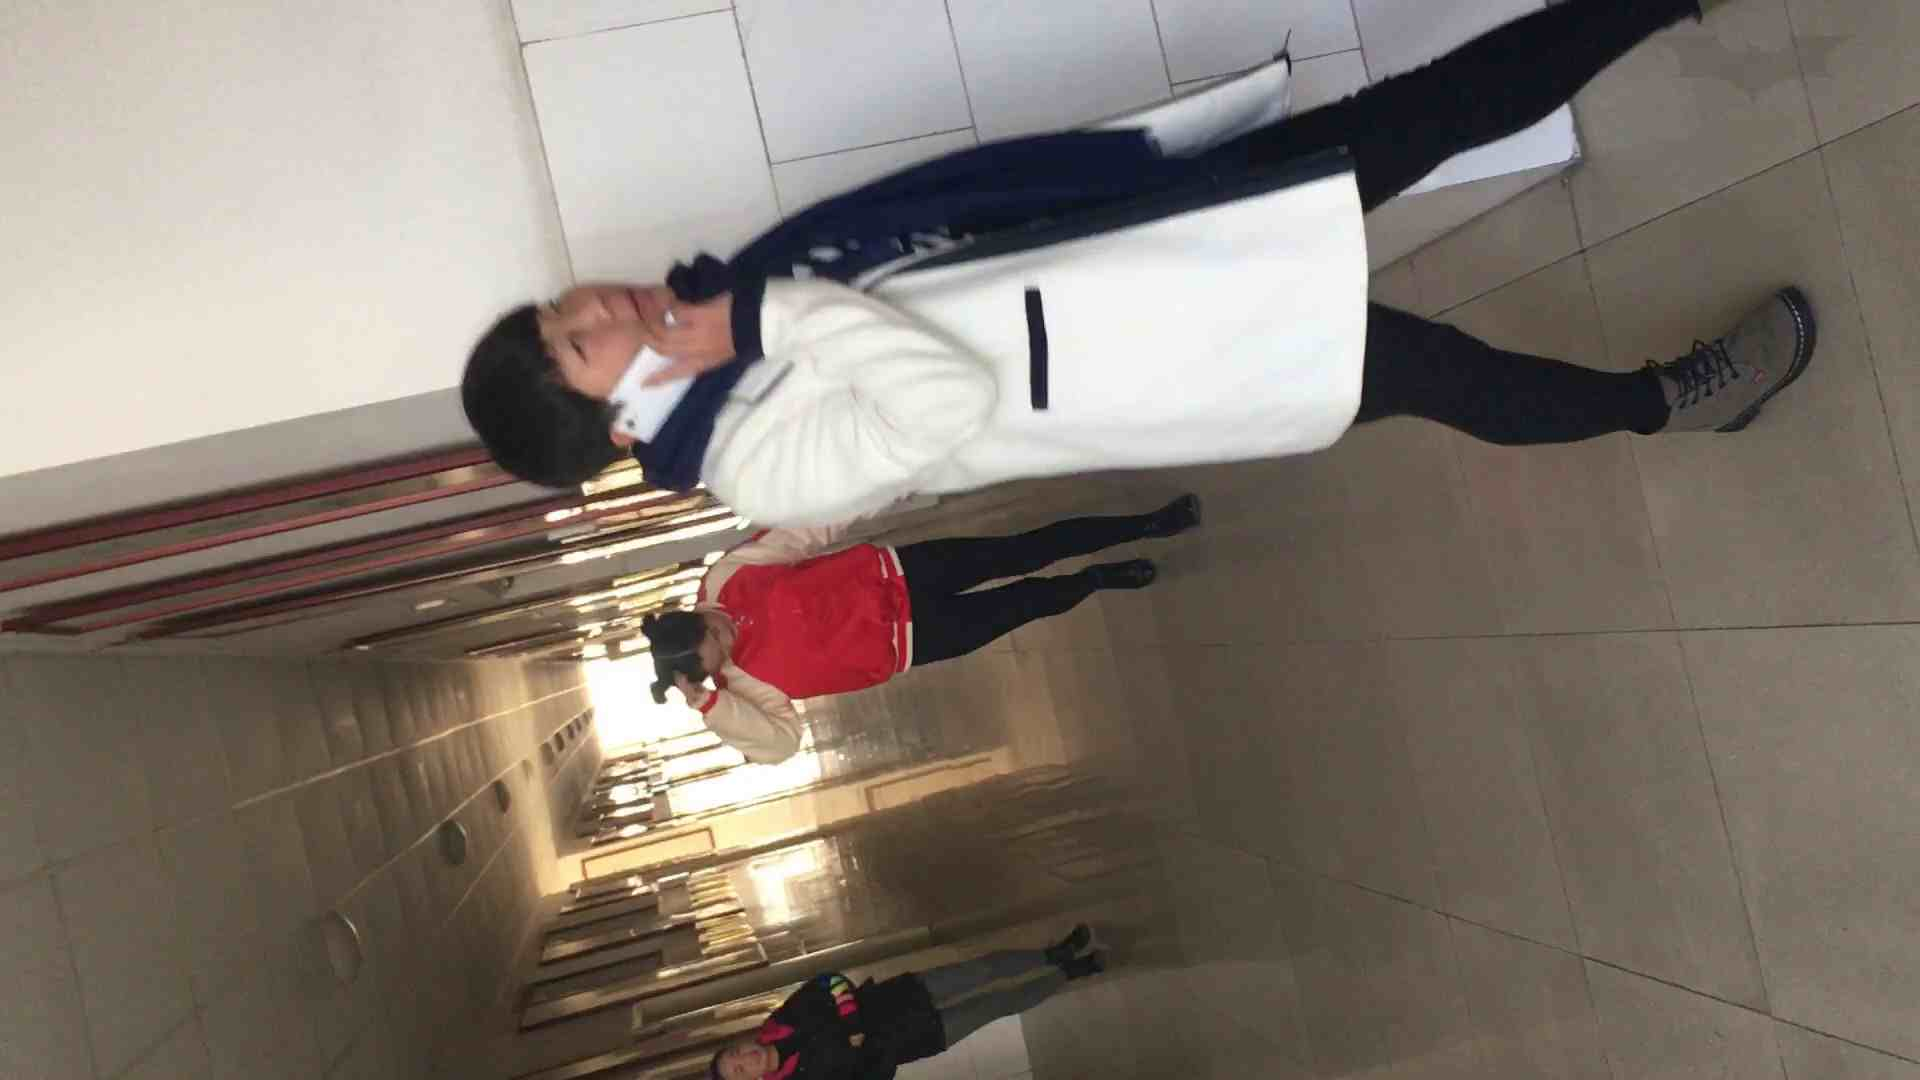 芸術大学ガチ潜入盗撮 JD盗撮 美女の洗面所の秘密 Vol.81 盗撮  62PIX 22